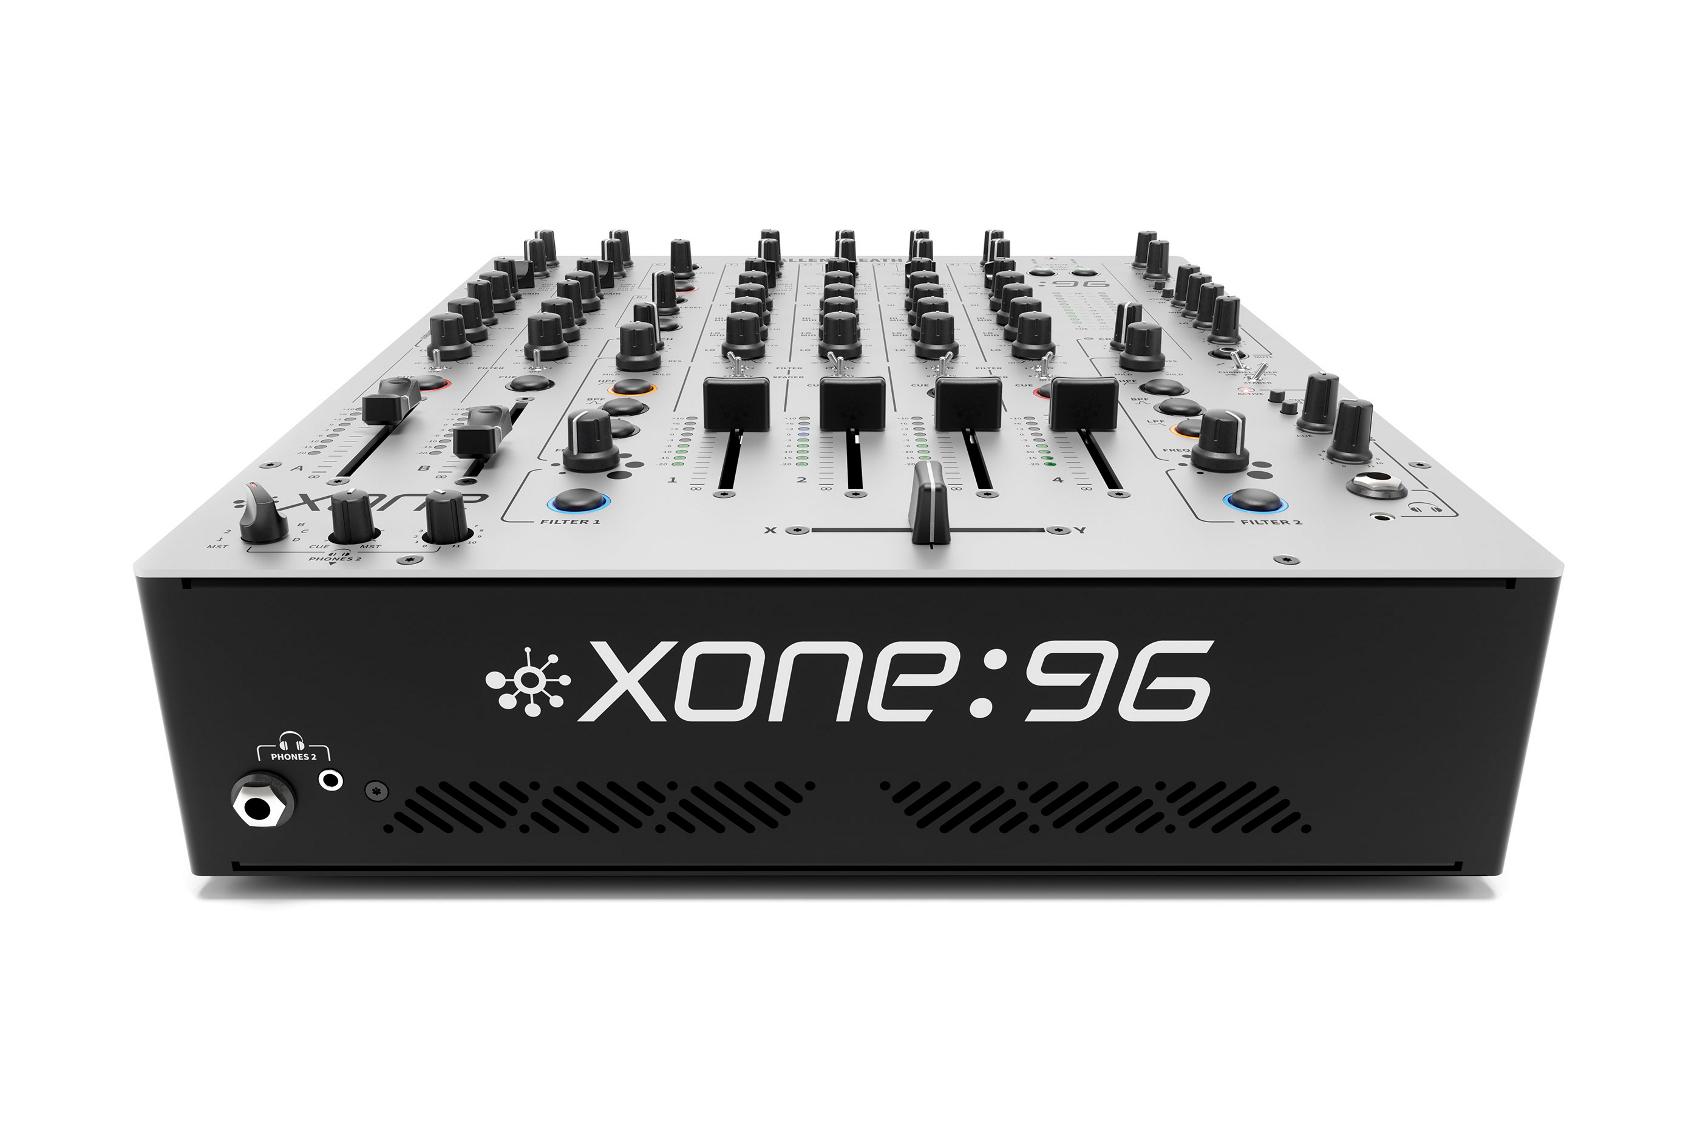 ALLEN & HEATH XONE 96 MIXER ANALOGICO PER DJ 8 CANALI CON DOPPIA INTERFACCIA USB 2